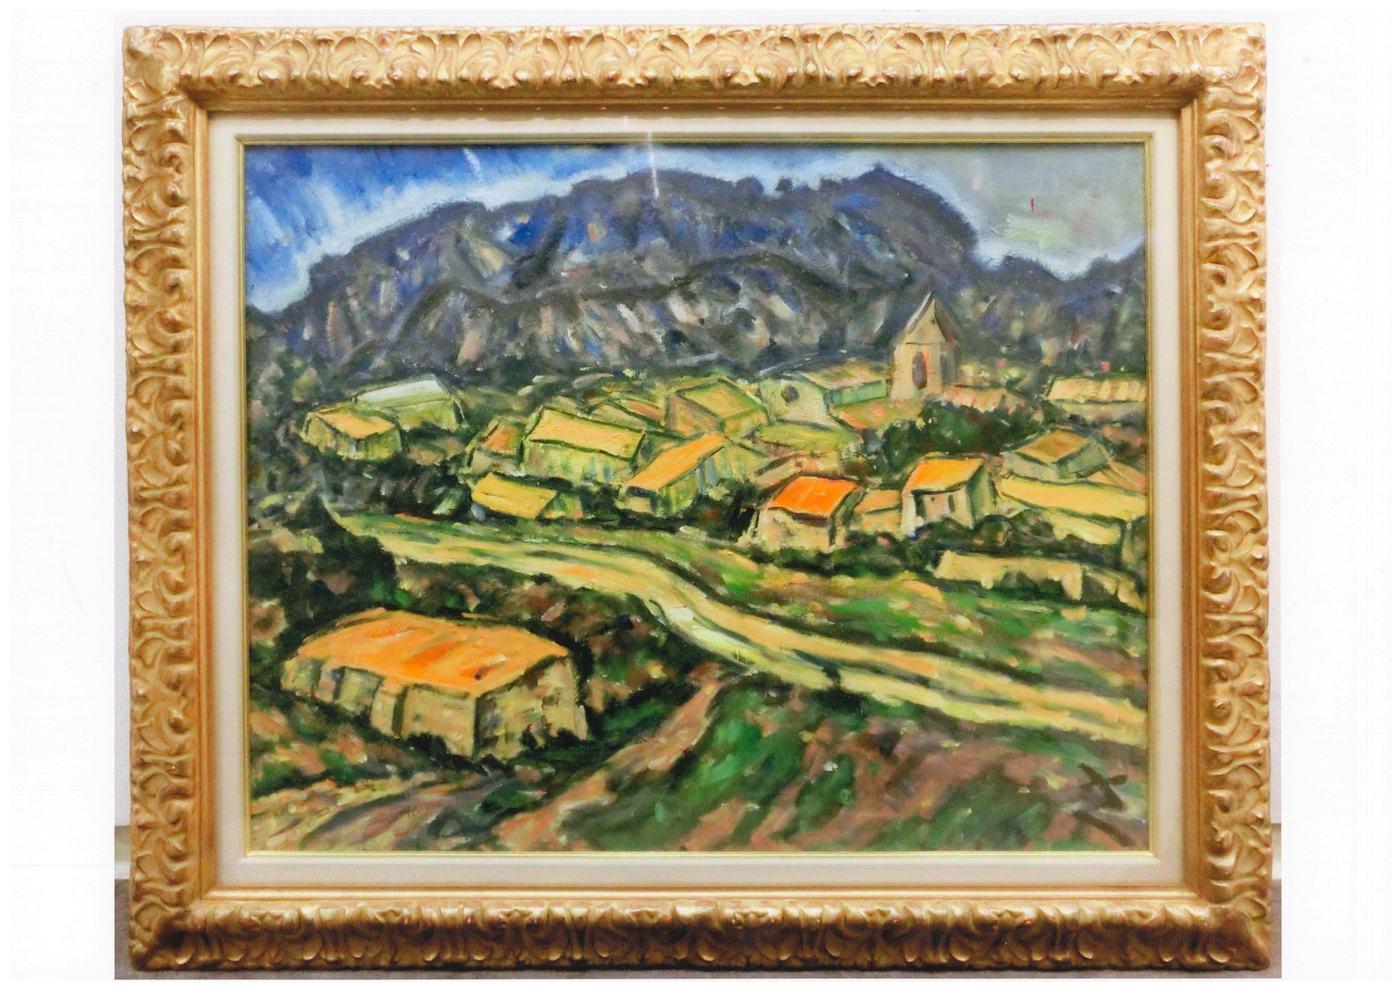 里見勝藏 Satomi Katsuzo, 波城 Pau, 1975-76, oil on canvas, 91 x 72.5 cm.jpg